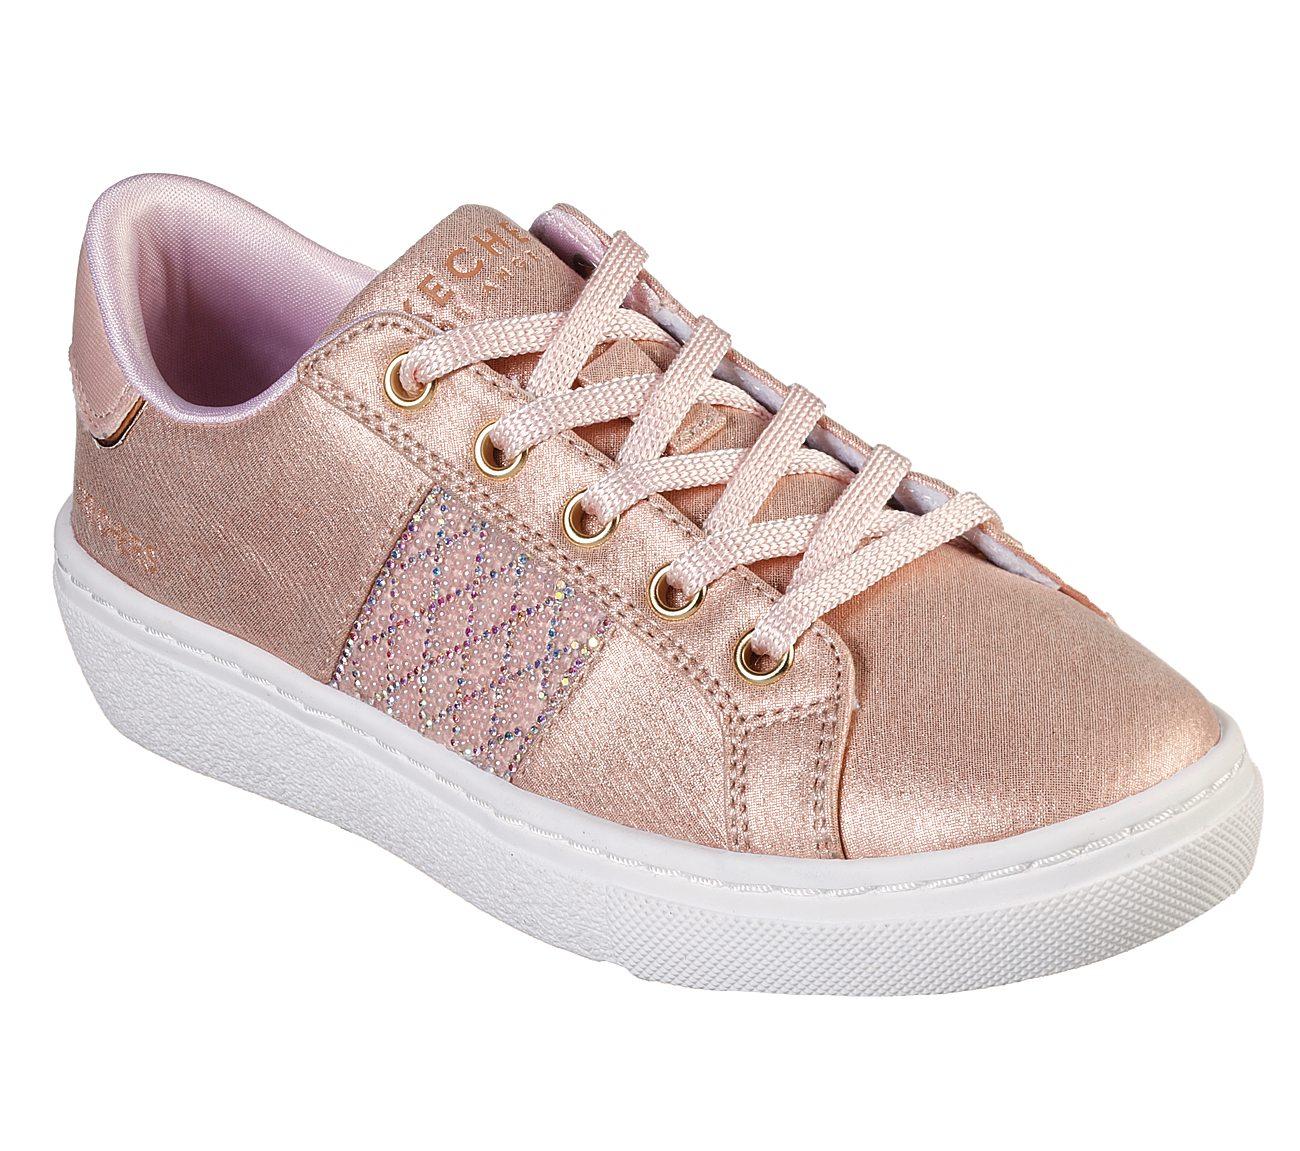 Buy SKECHERS Goldie - Sparkle \u0026 Sweet